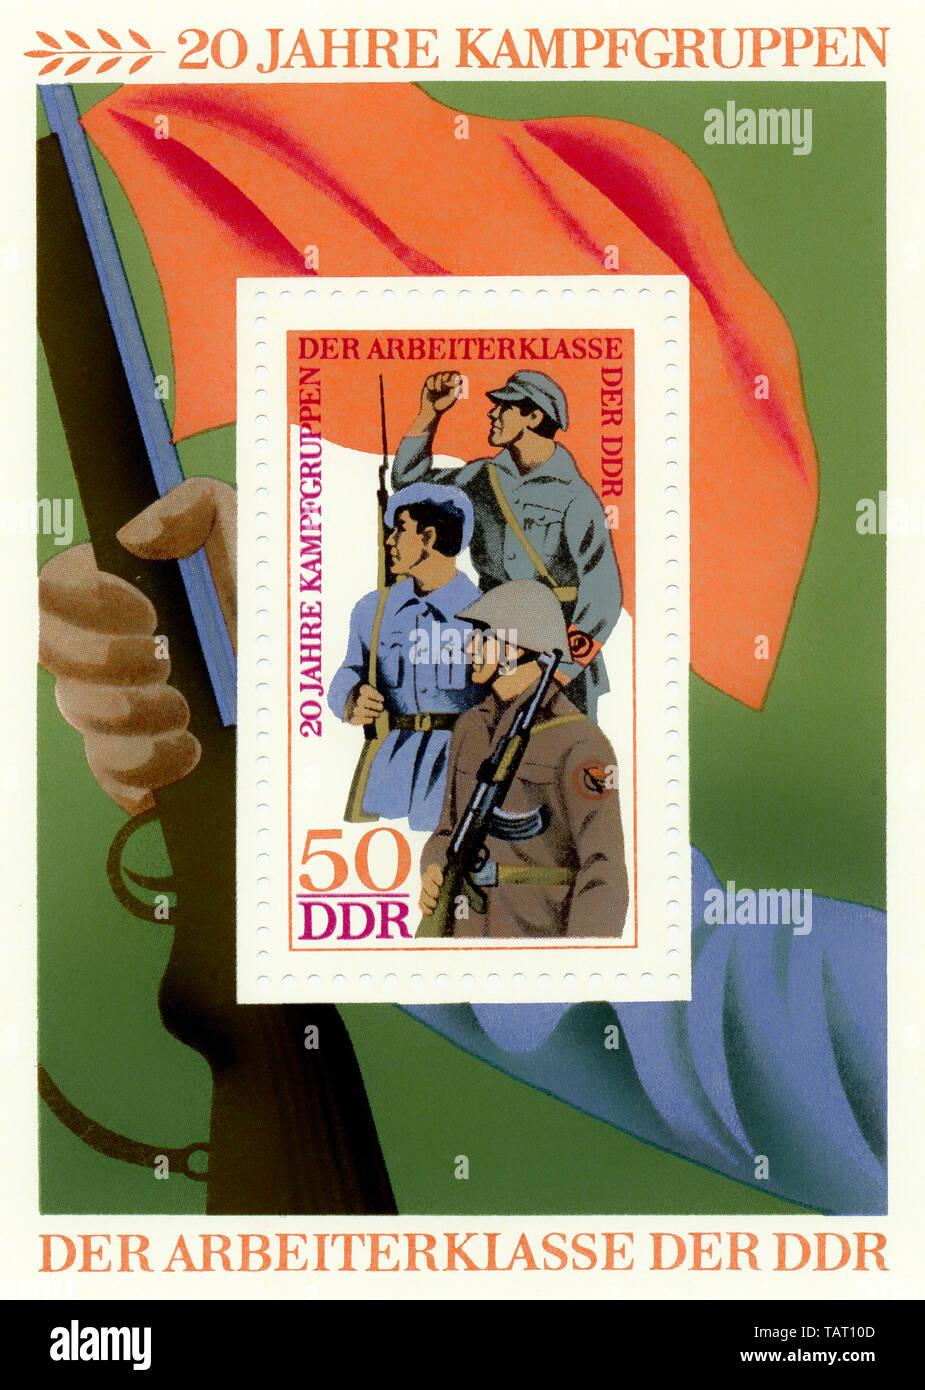 Historic postage stamps of the GDR, political motives, Historische Briefmarke der DDR, 20 Jahre Kampfgruppen, Deutsche Demokratische Republik, 1973 - Stock Image